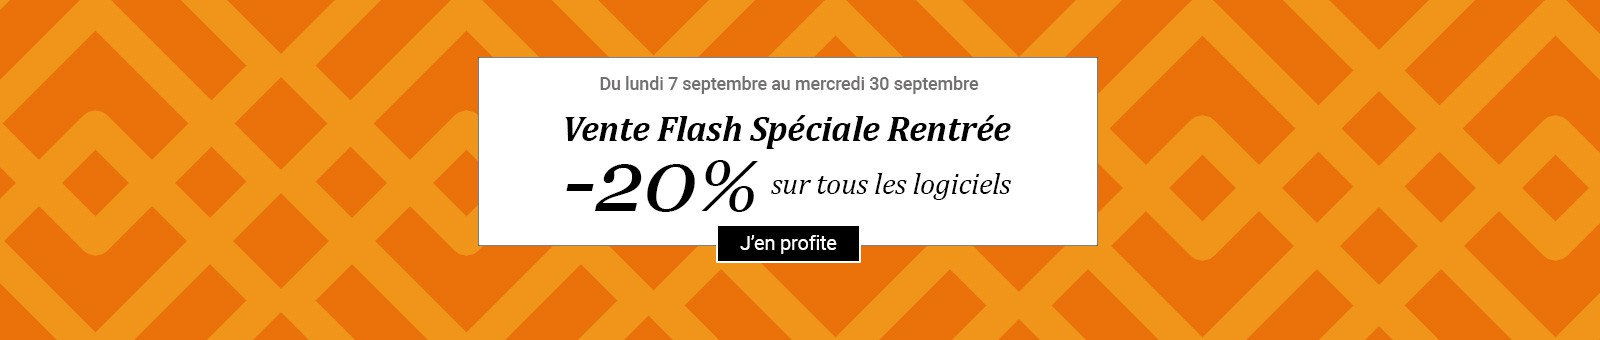 Vente Flash Rentrée -20% Logiciels